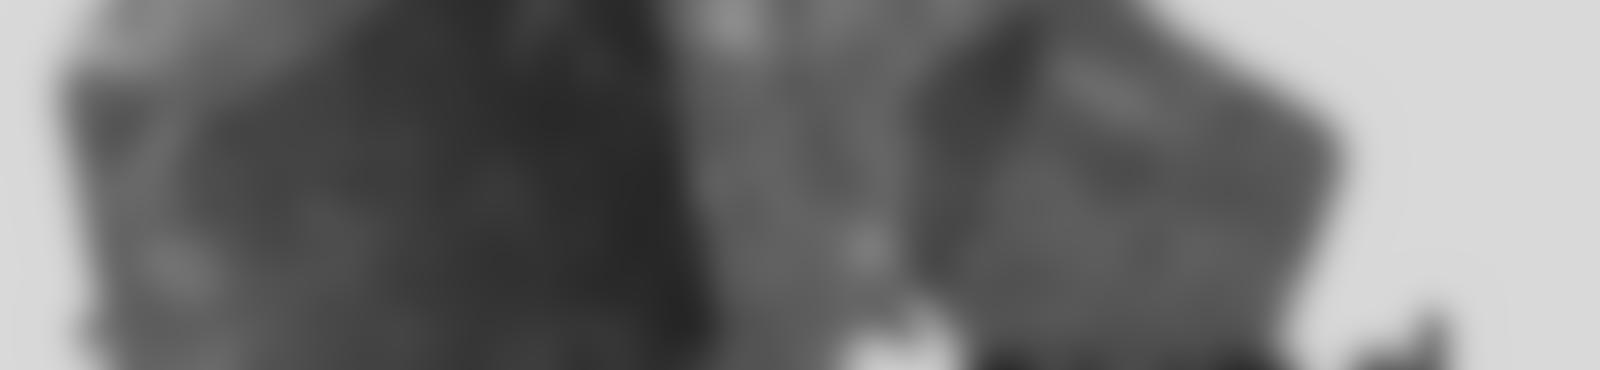 Blurred c45207fb 8d31 4077 b606 2383b3b00e29